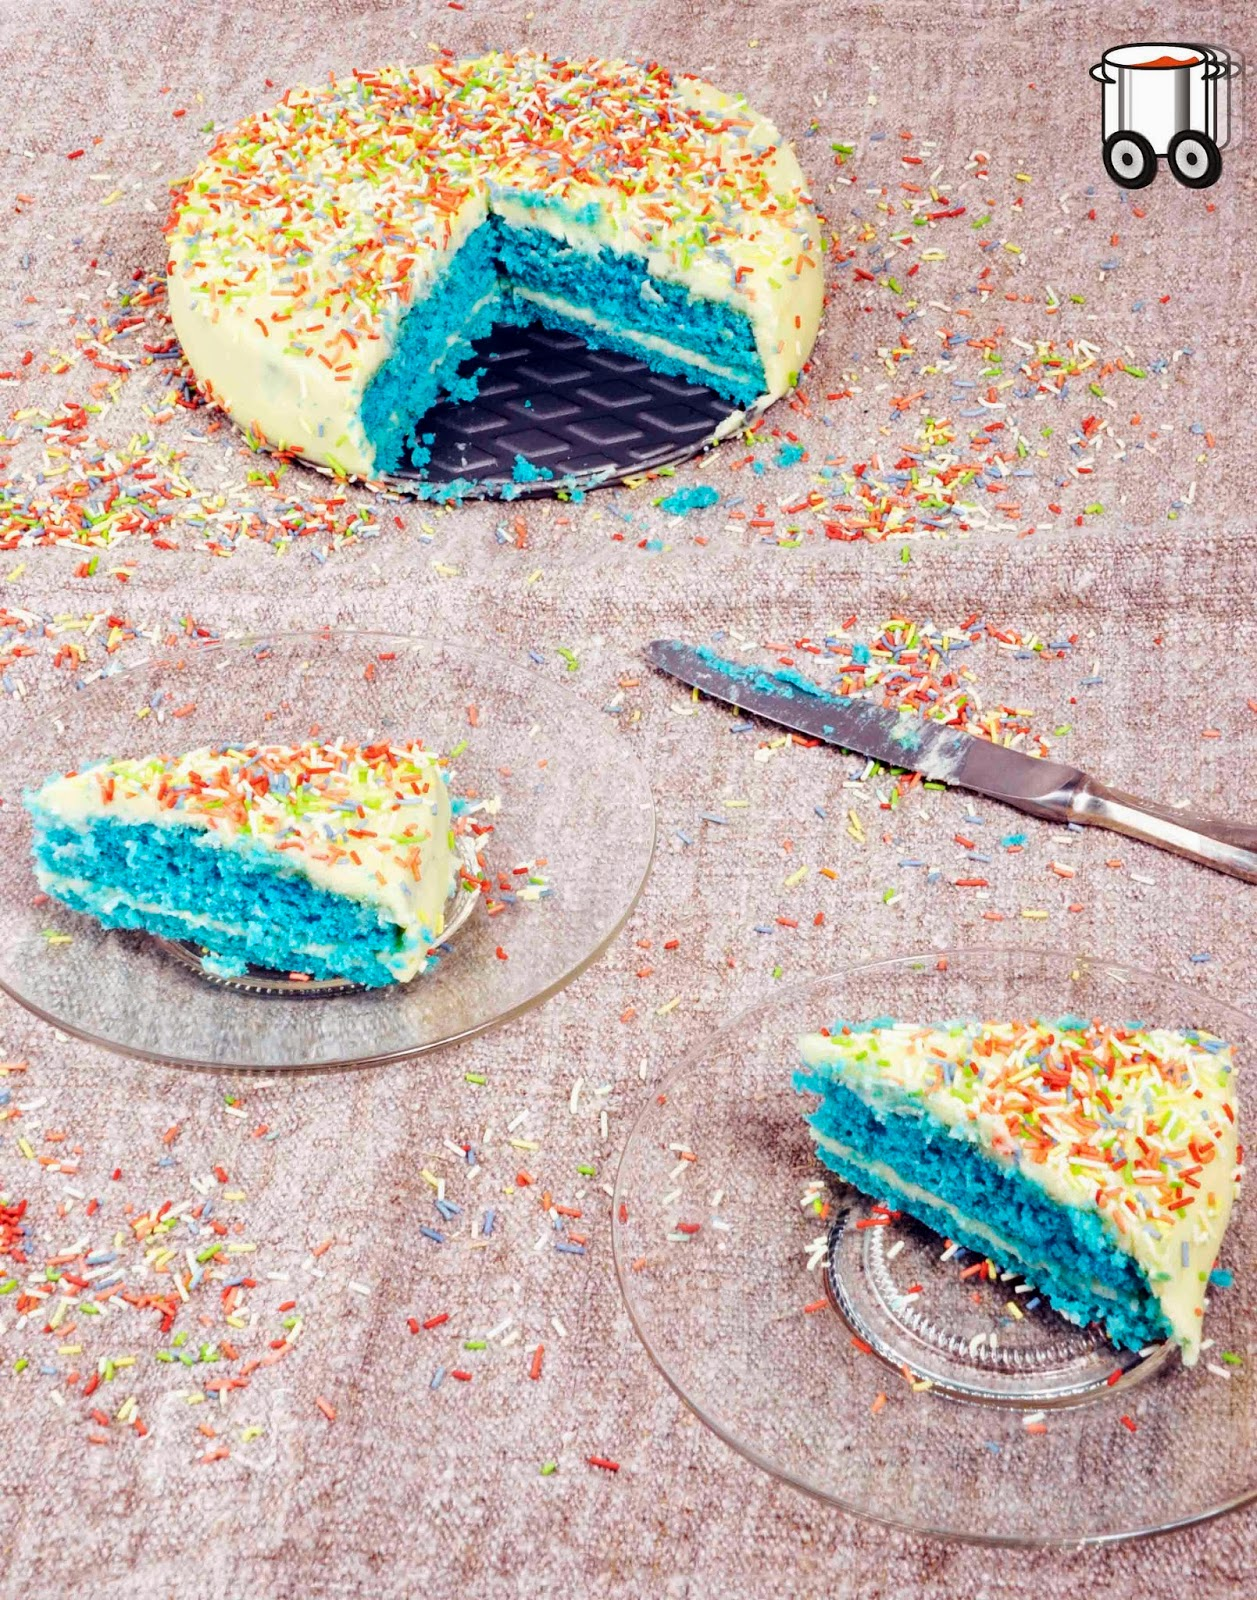 Szybko Tanio Smacznie - Szmaragdowy tort biszkoptowy z maślanym kremem